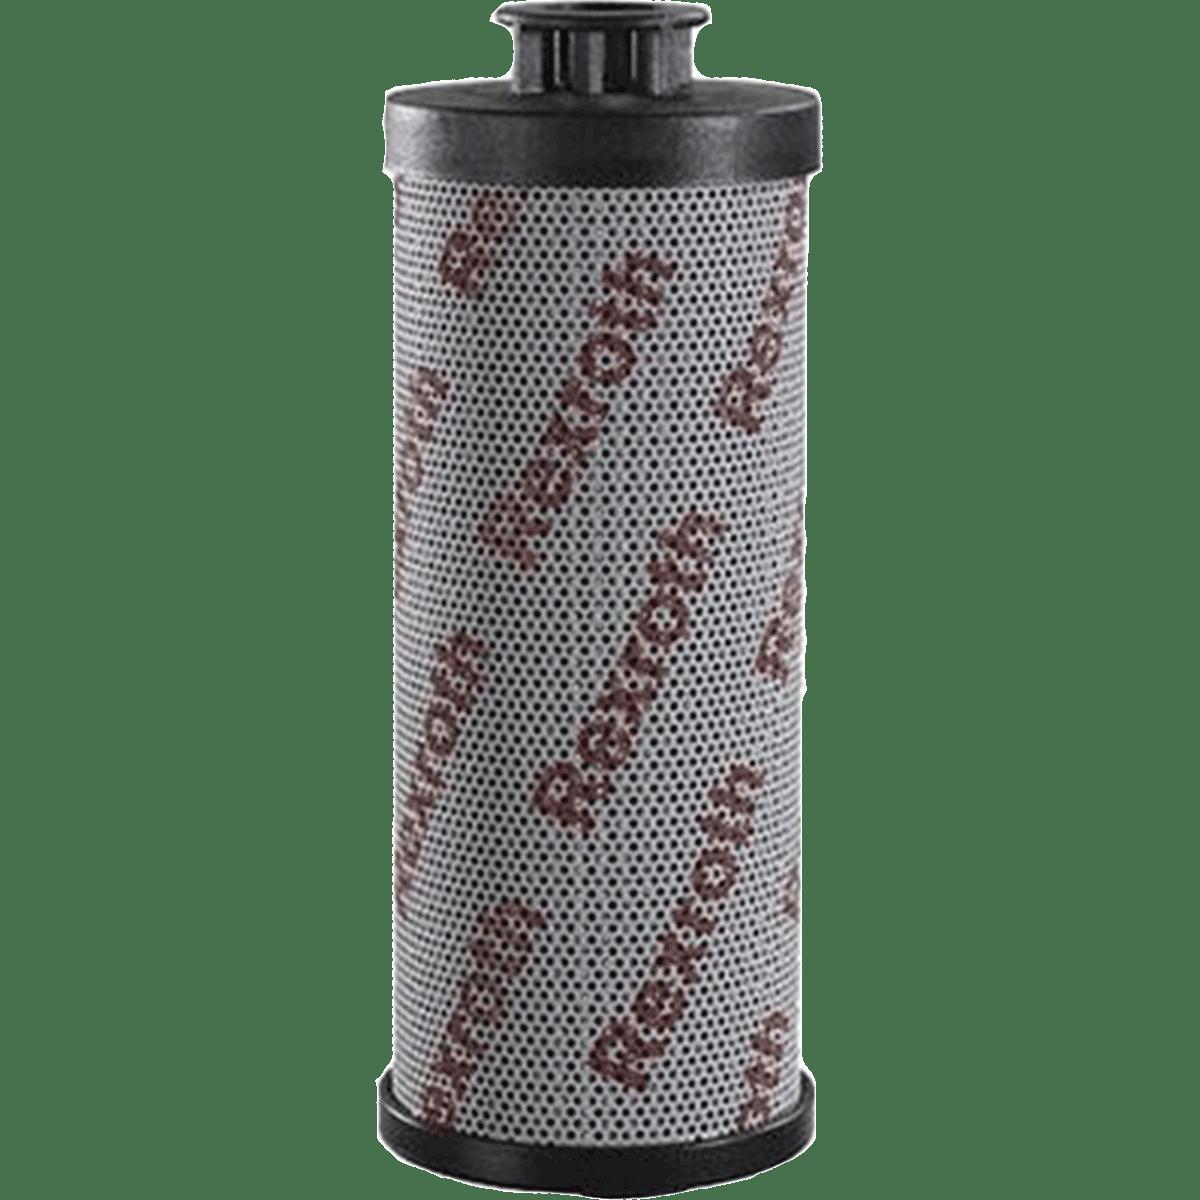 Filterelemente / Reparatursätze